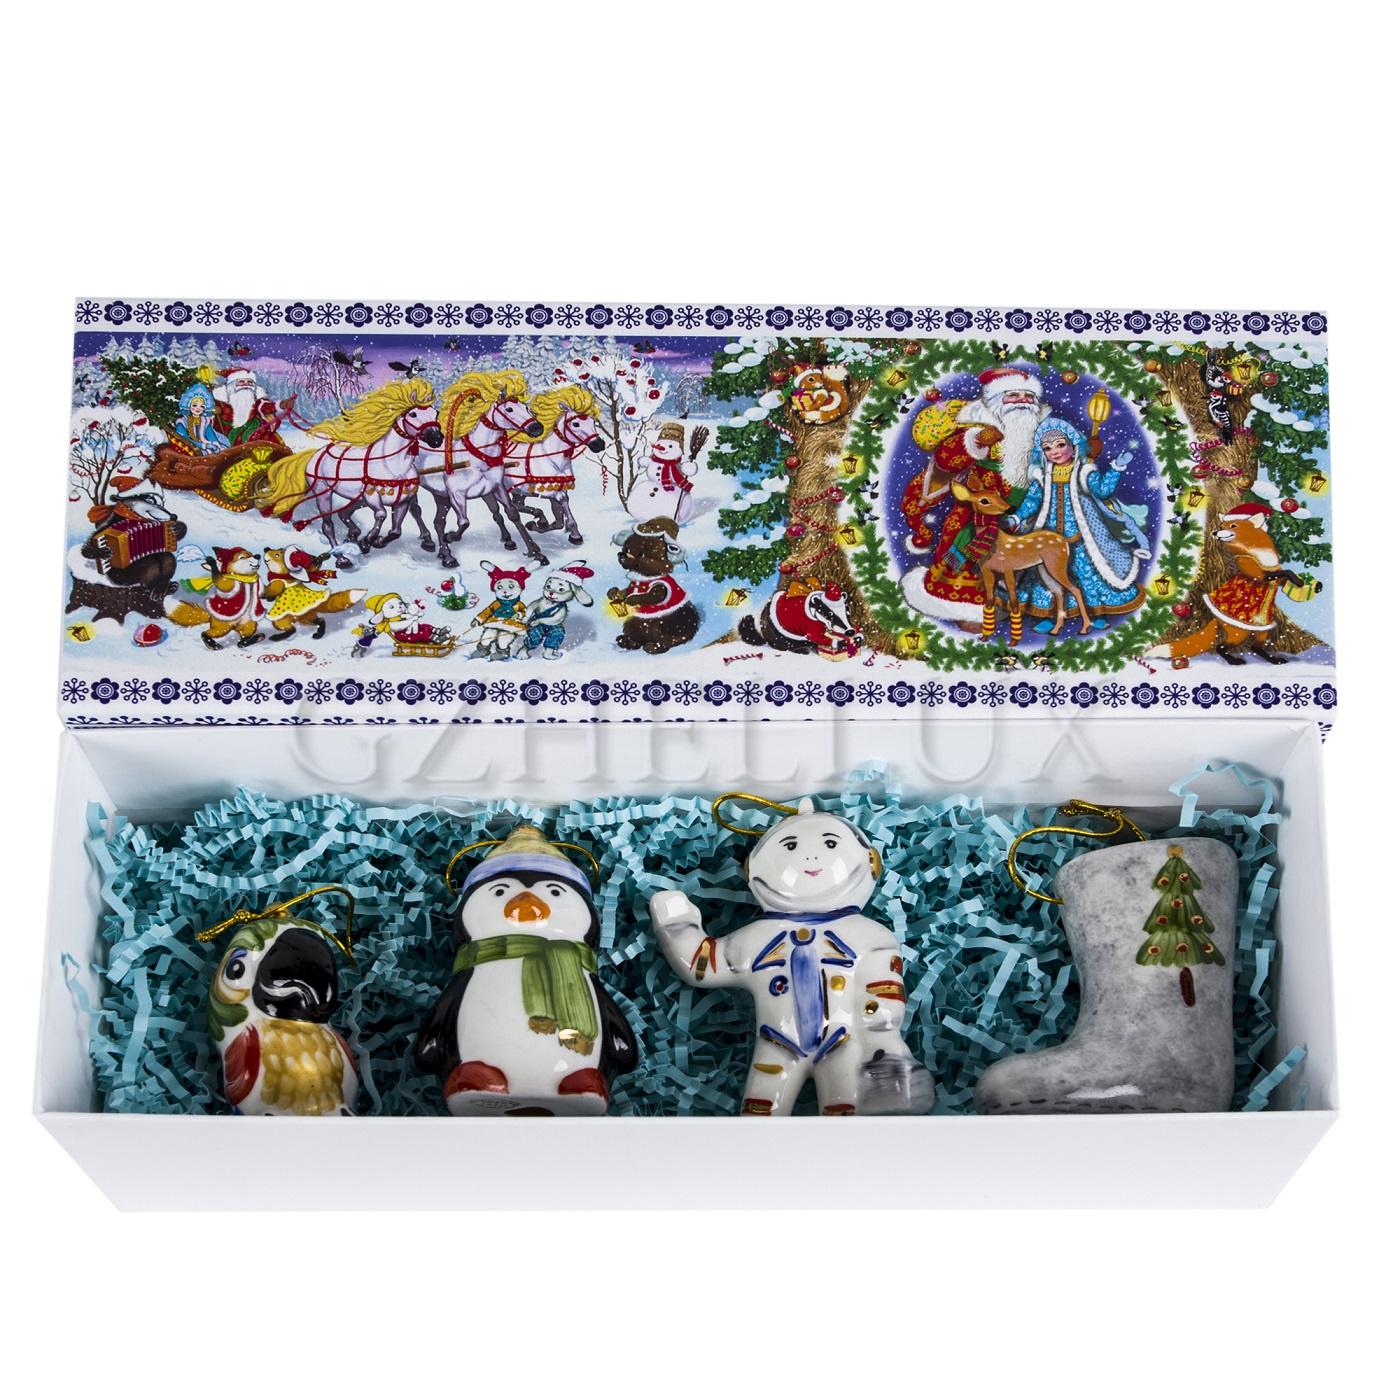 Набор ёлочных игрушек «Сувенирный» в красках